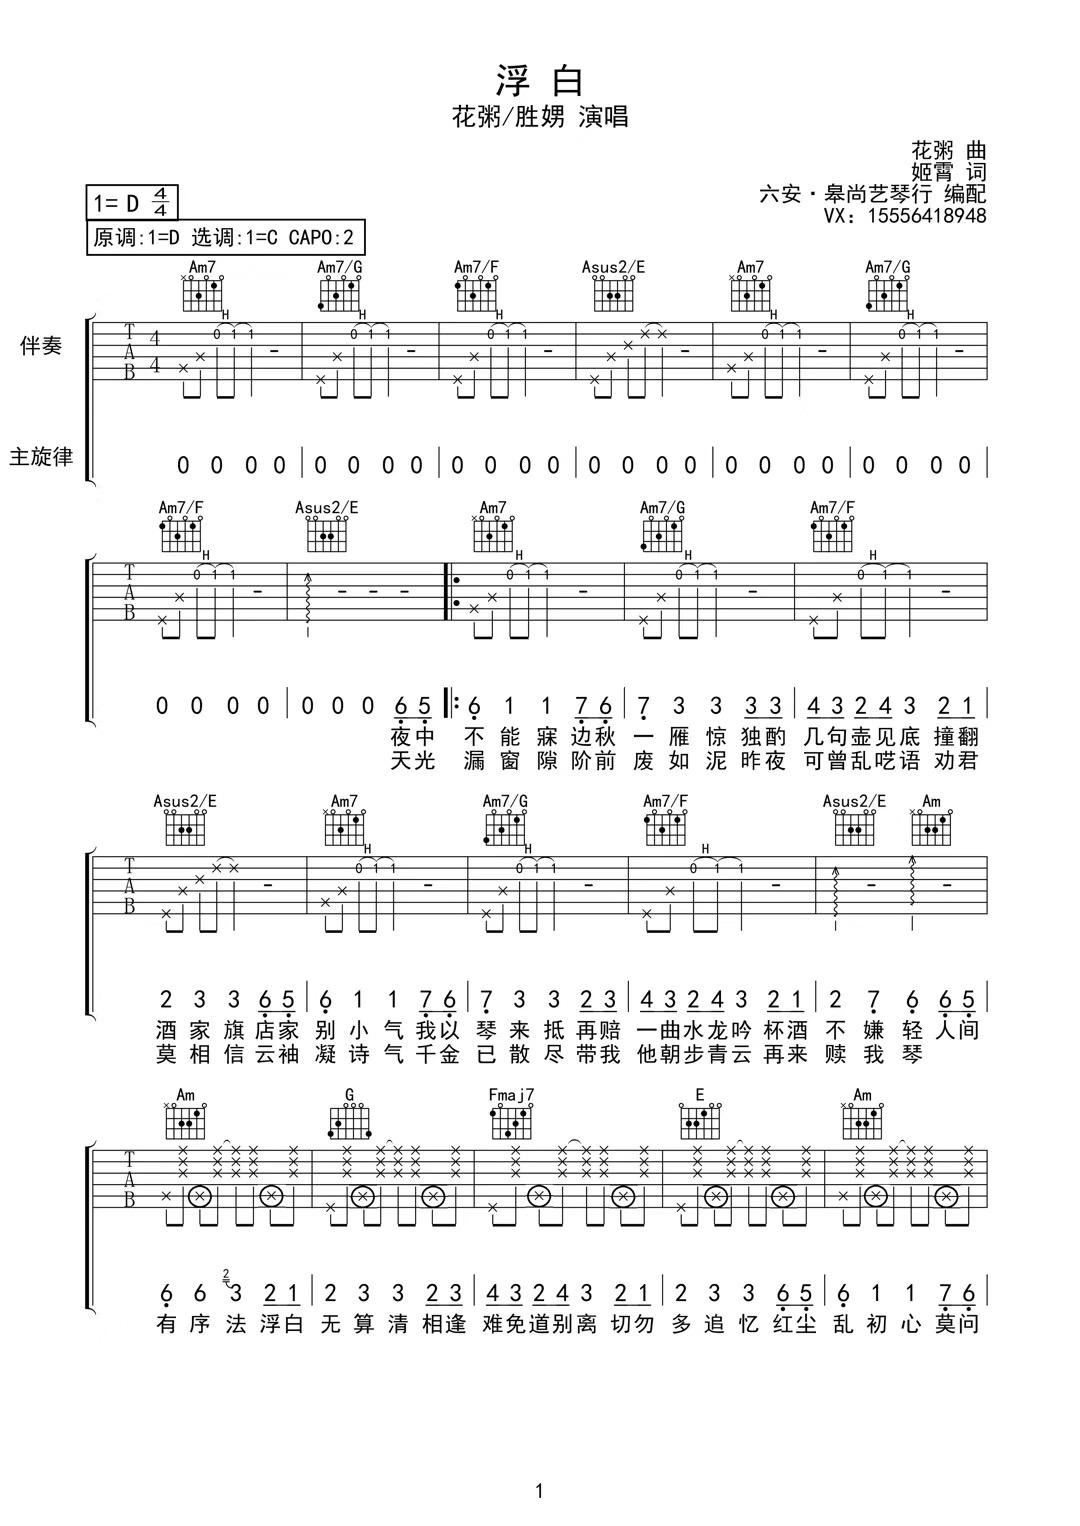 花粥/王胜男《浮白》吉他谱 C调吉他弹唱高清六线谱1